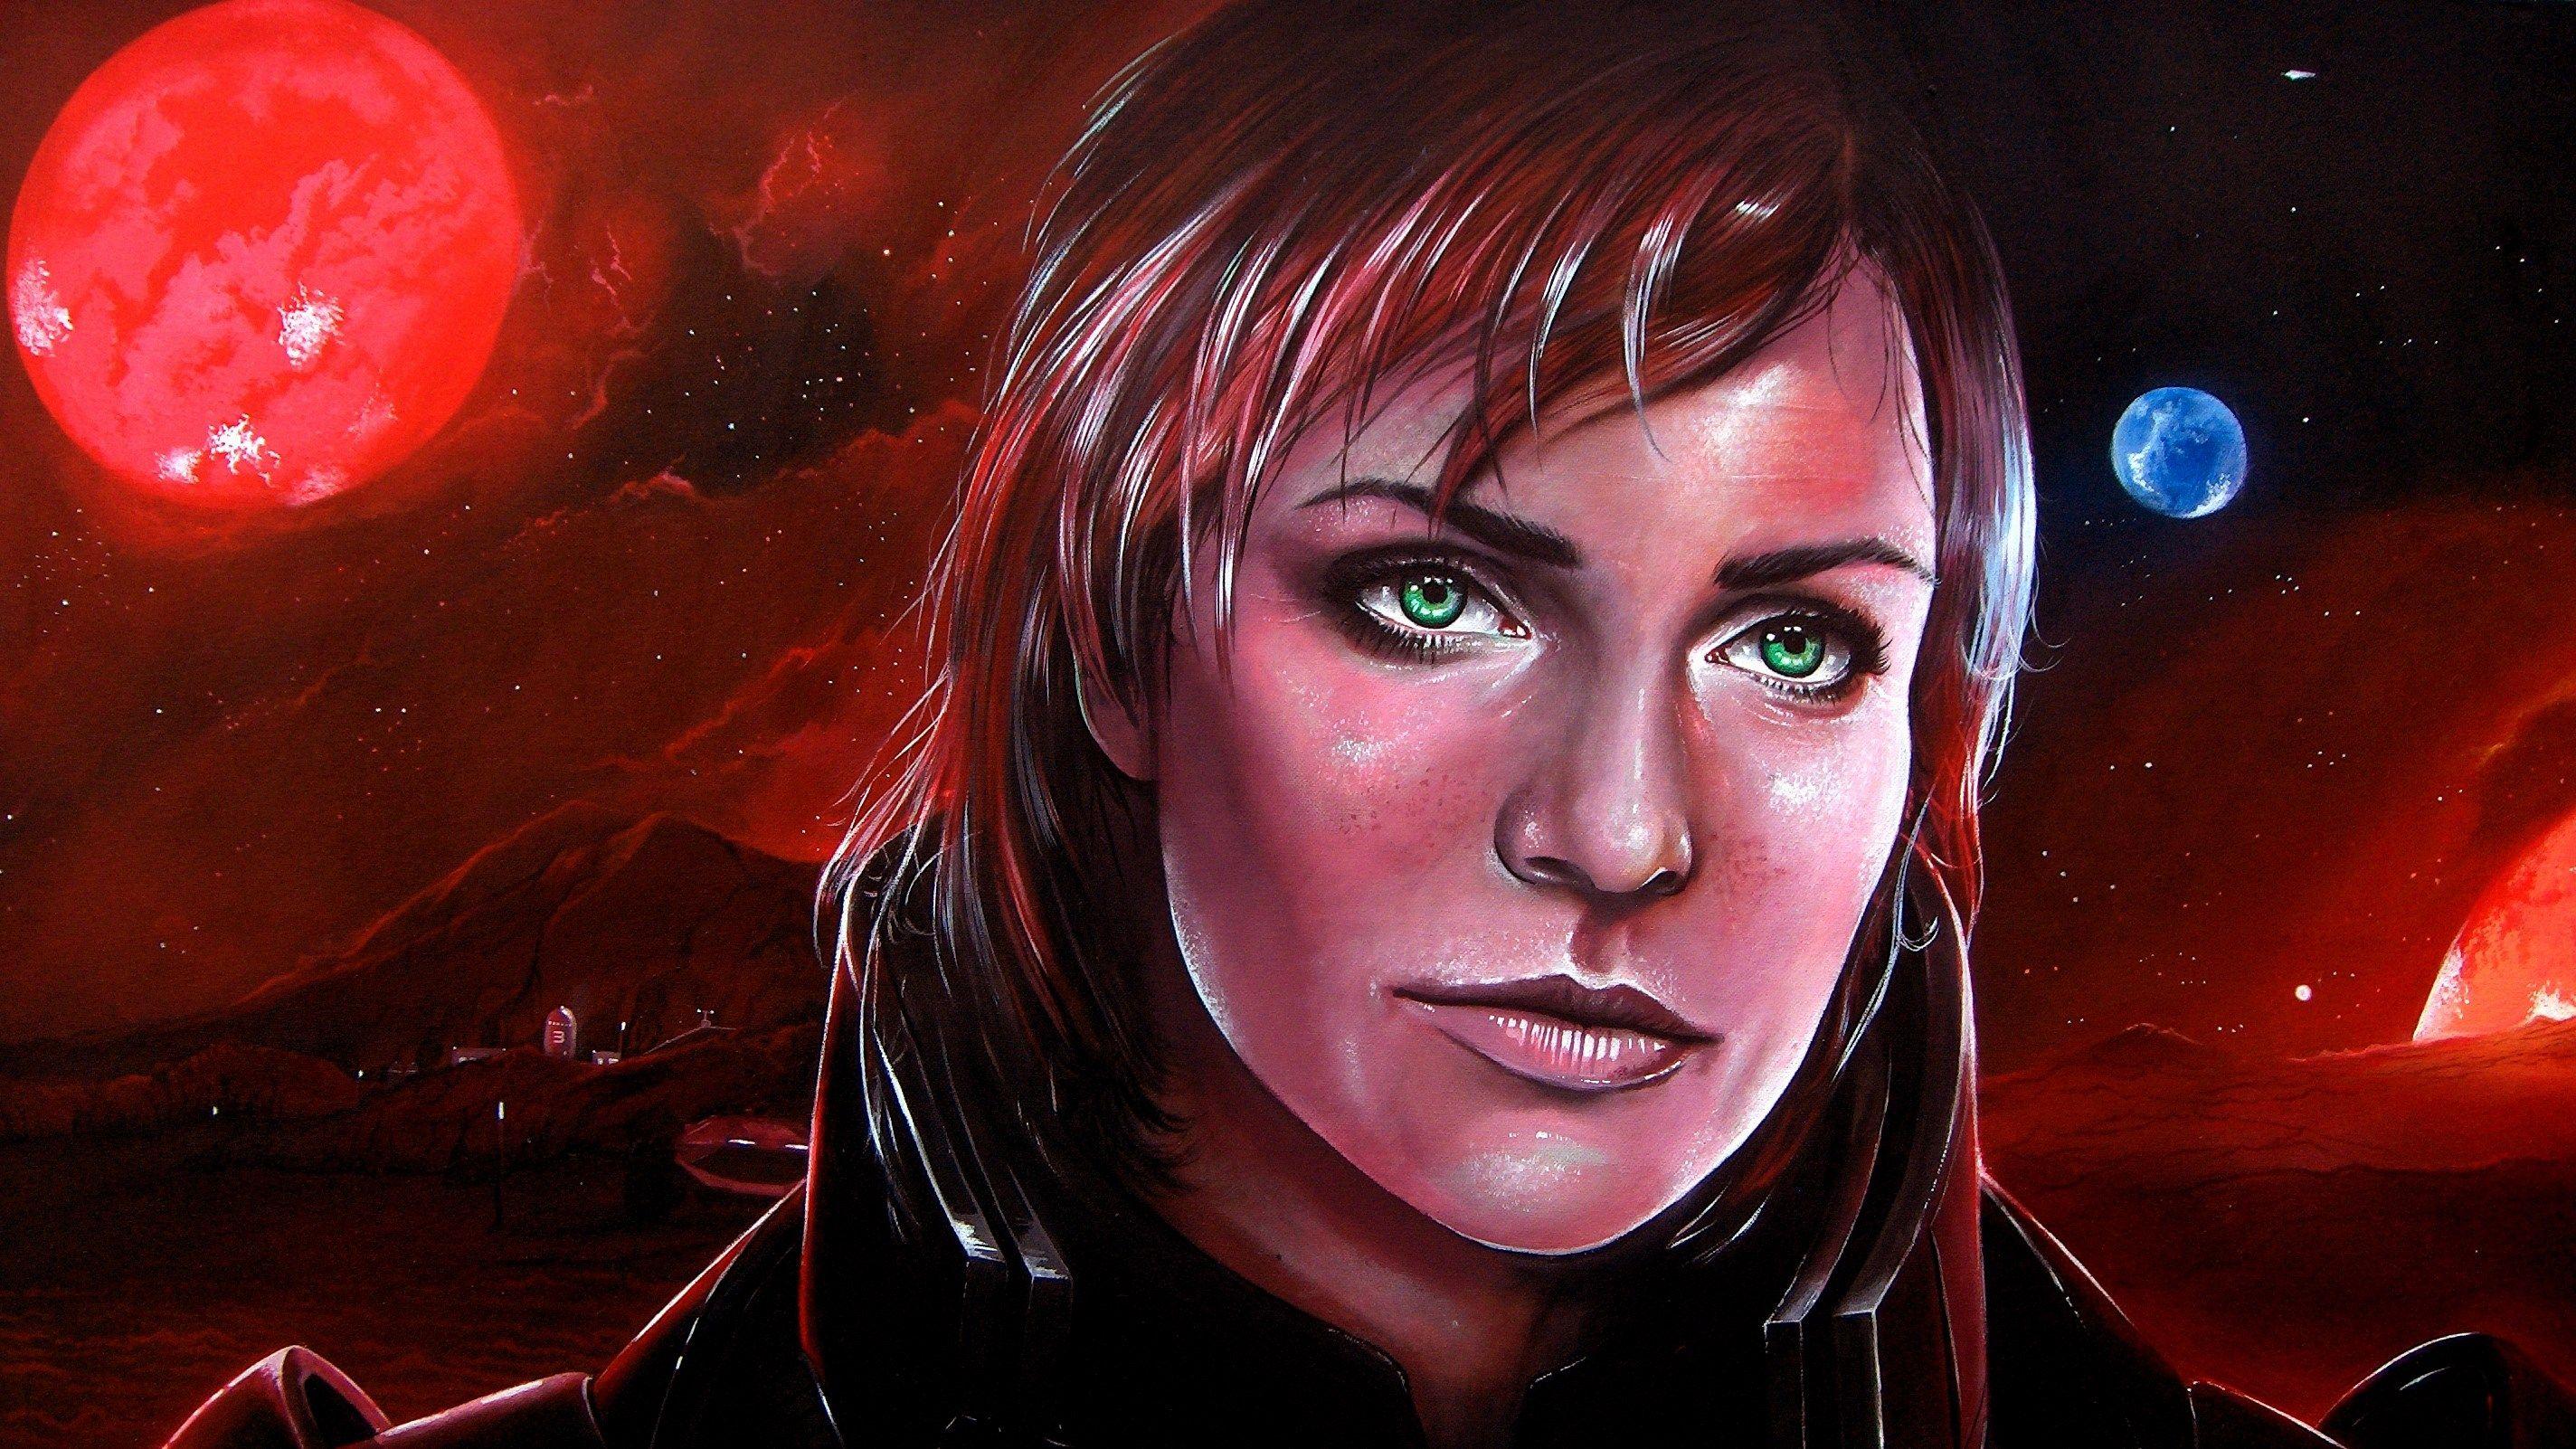 Mass Effect Wallpaper Pack 1080p Hd 1115 KB